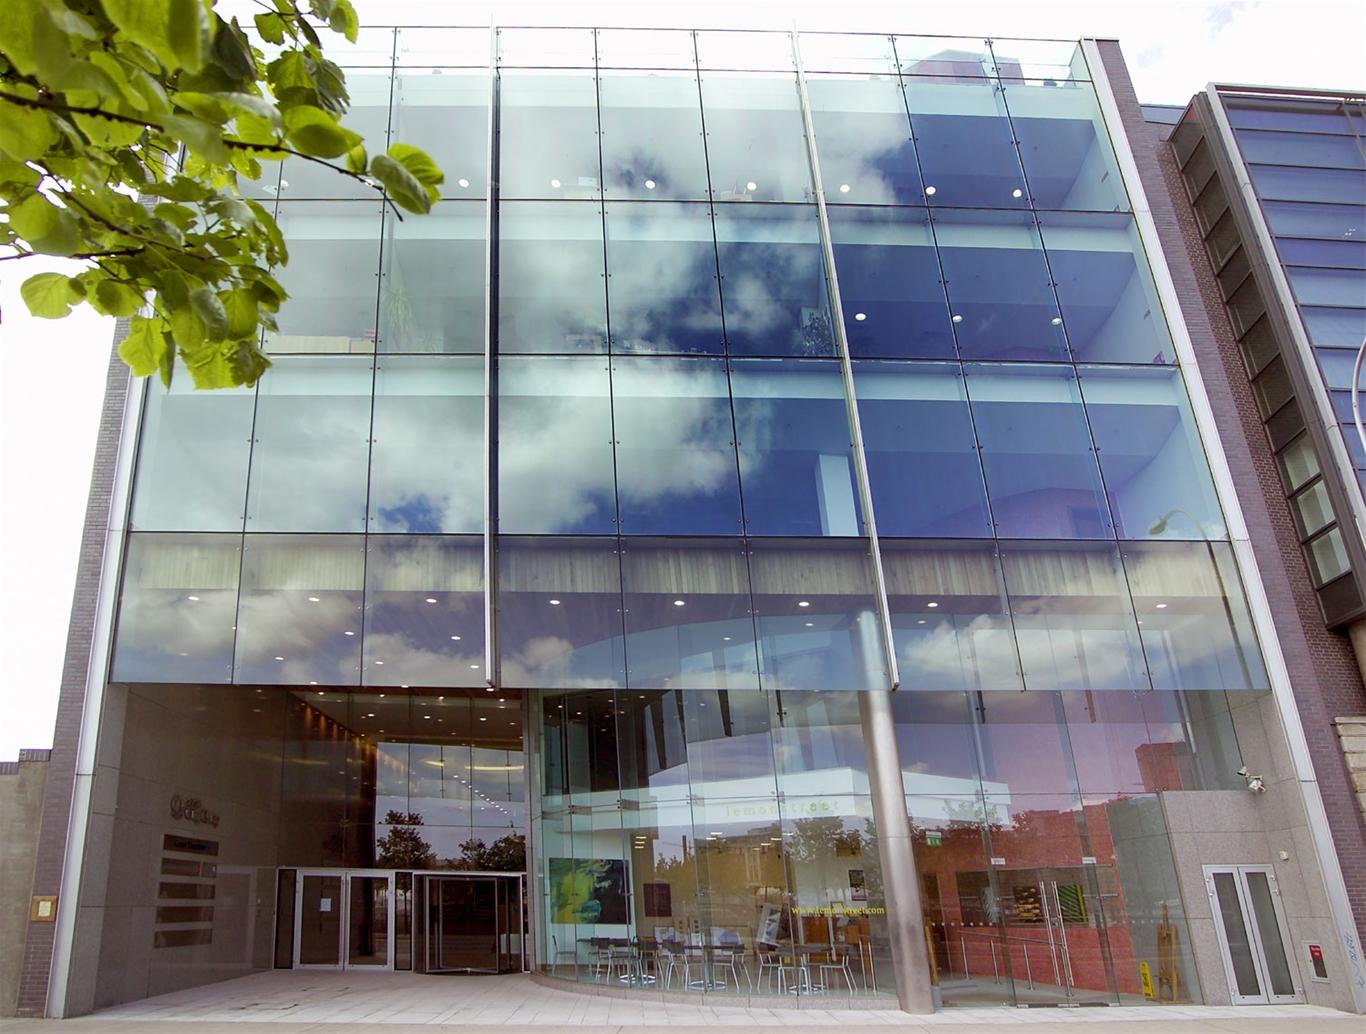 Thi công mặt dựng kính – Giải pháp tối ưu cho tòa nhà